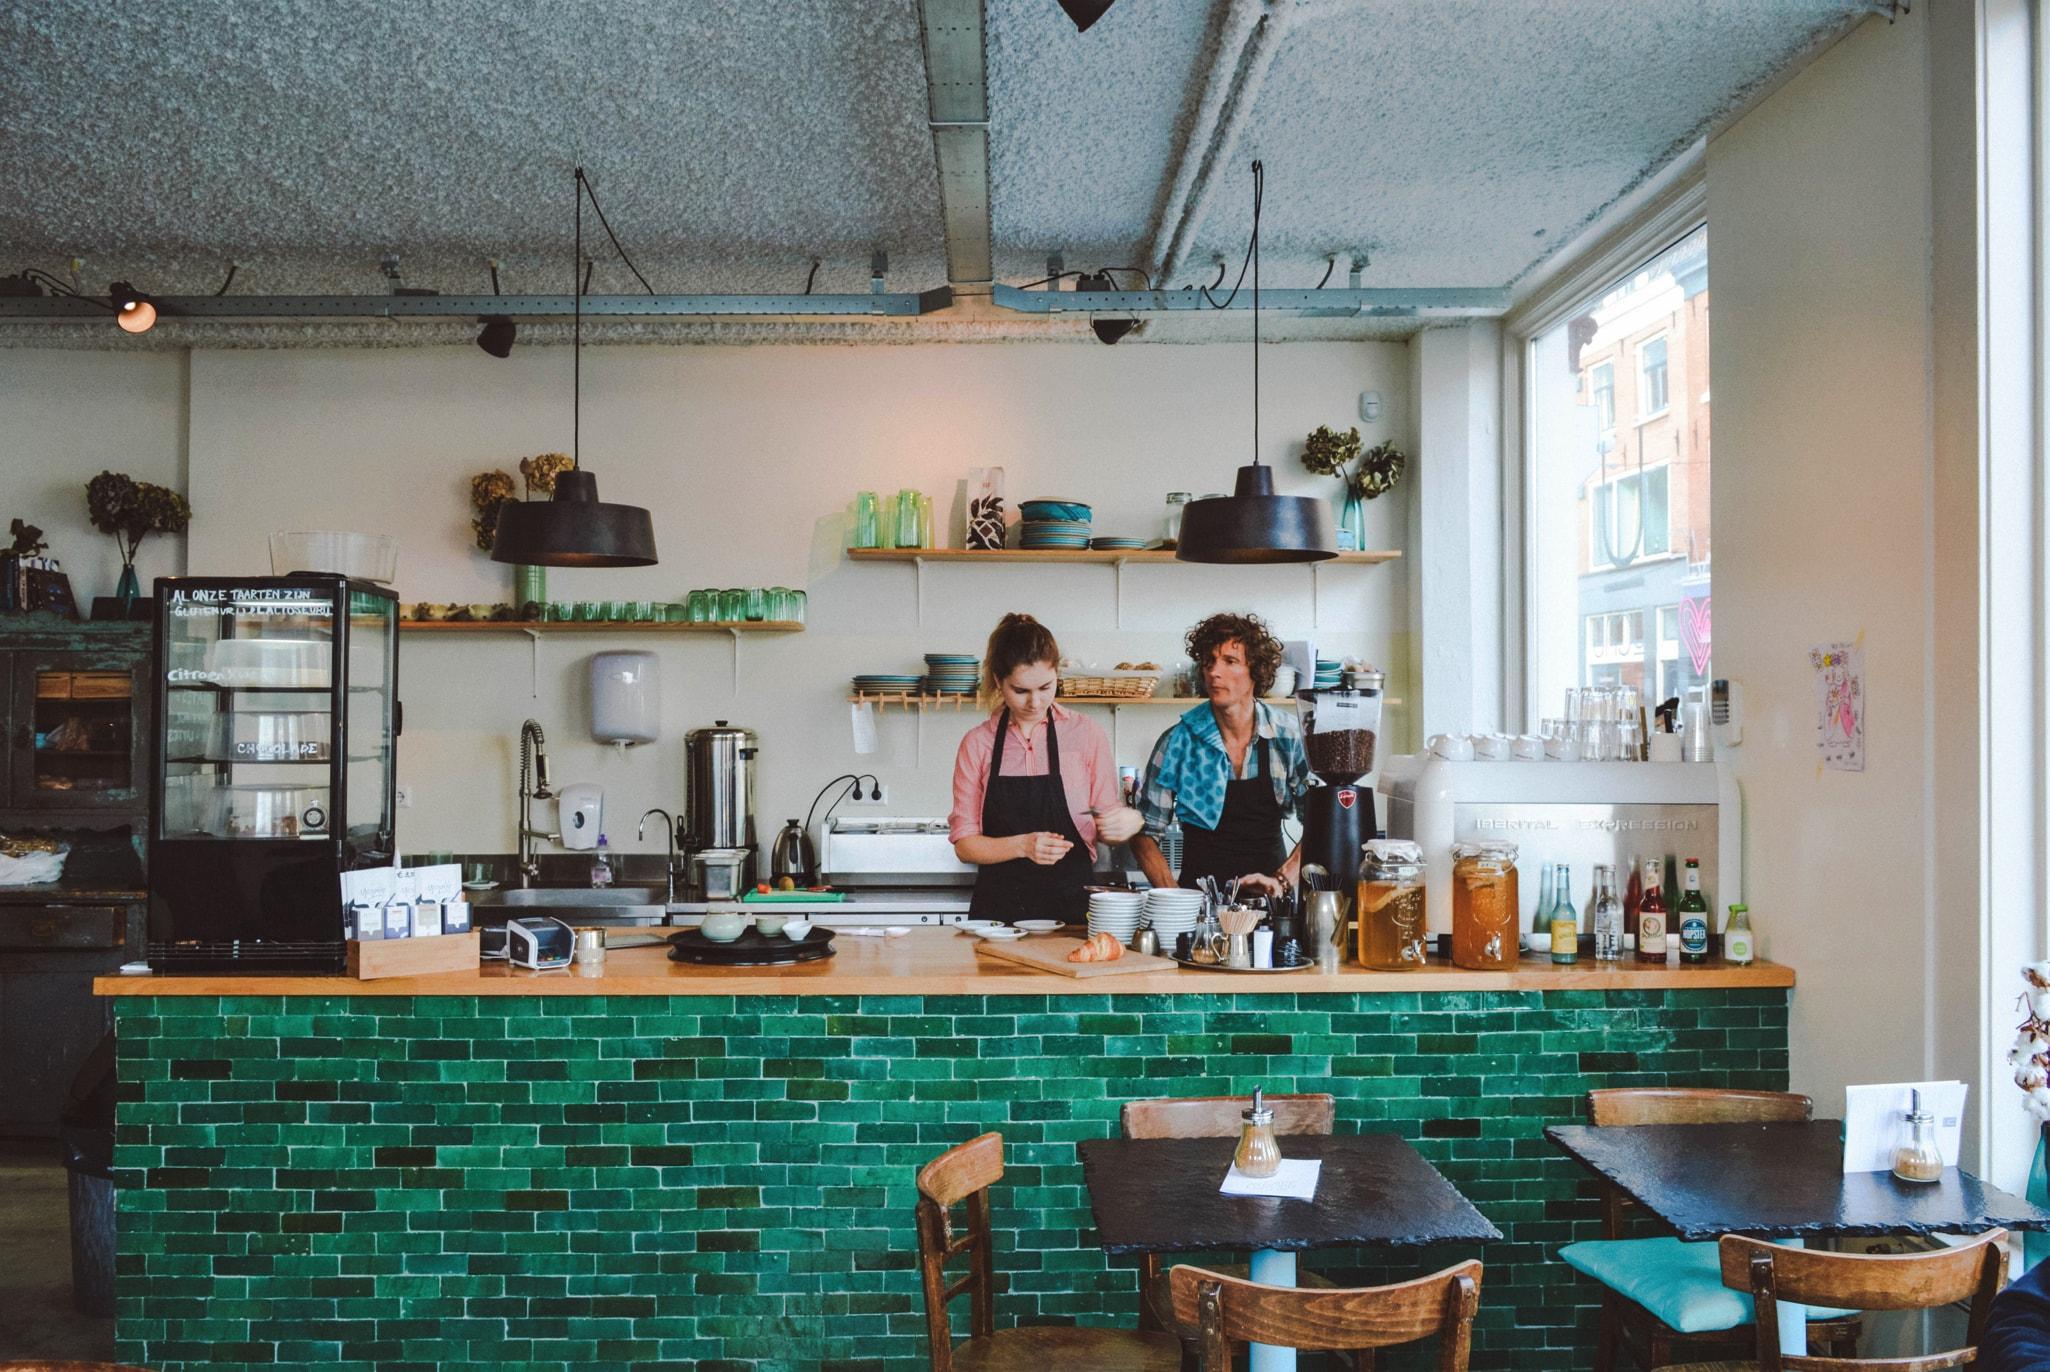 CAFÉ-ATELIER LUCAS UTRECHT: MODERN KOFFIECAFÉ MET AANDACHT VOOR THEE